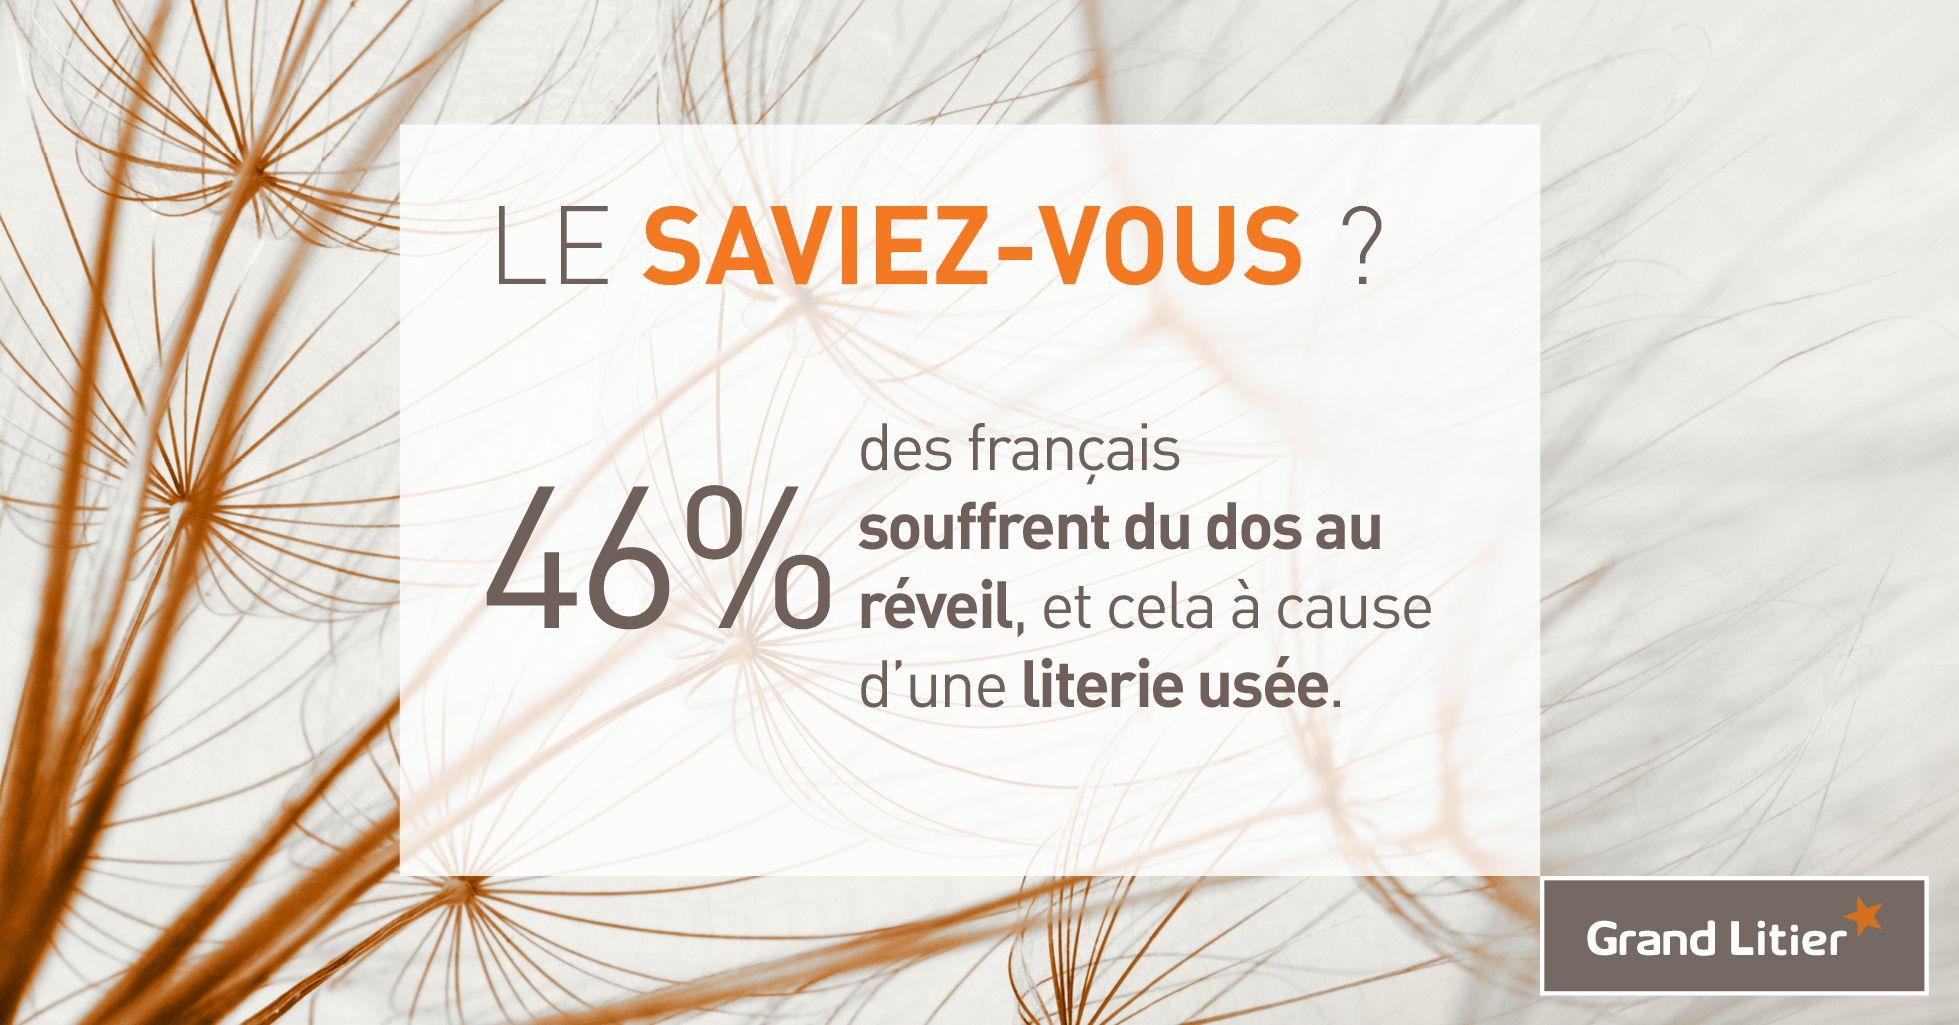 46% des français souffrent du dos au réveil, et cela à cause d'une literie usée.